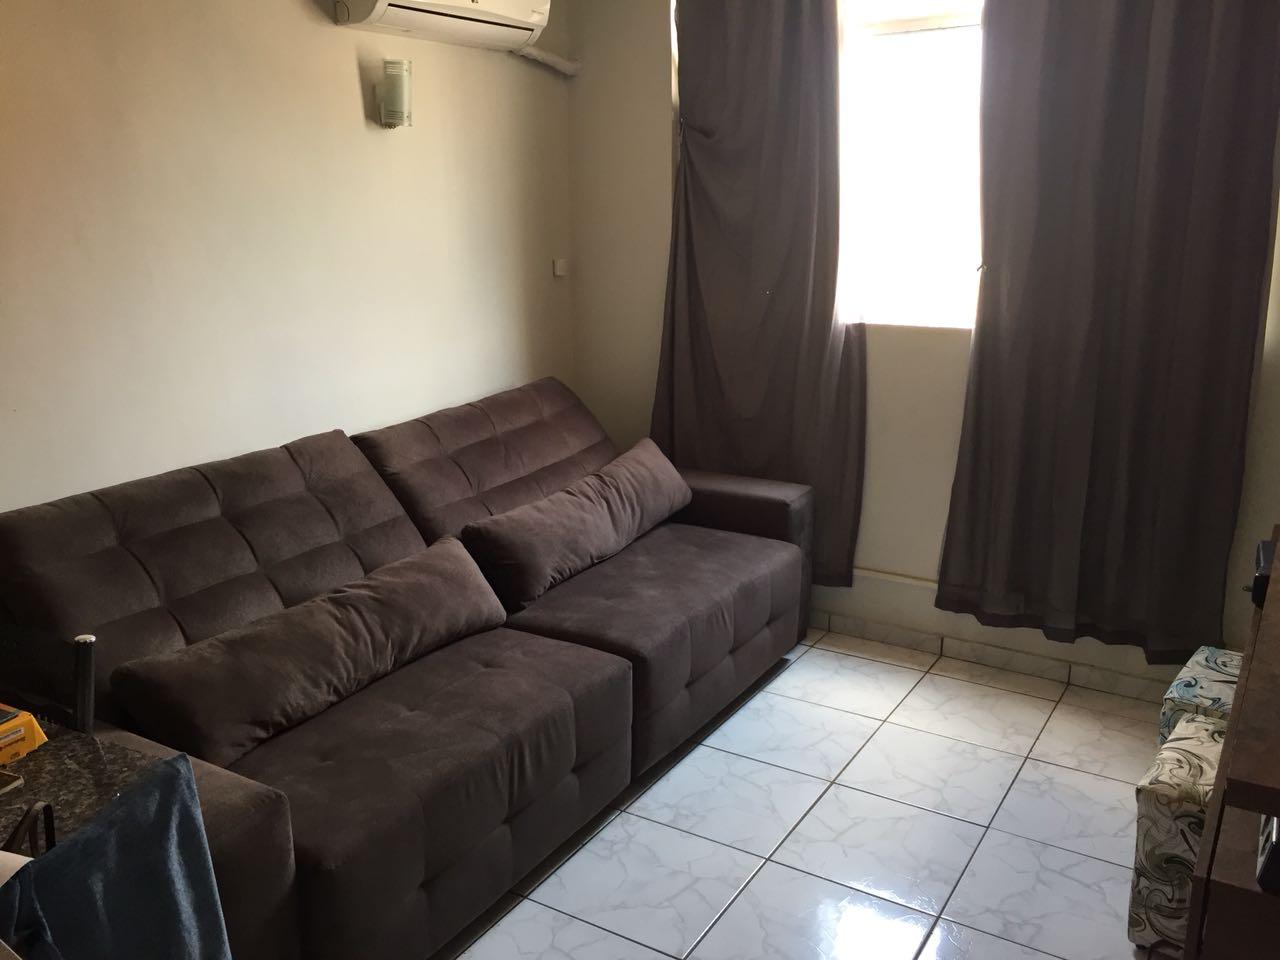 Apartamento para aluguel,  com 2 quartos em Cuiabá MT 101 11393